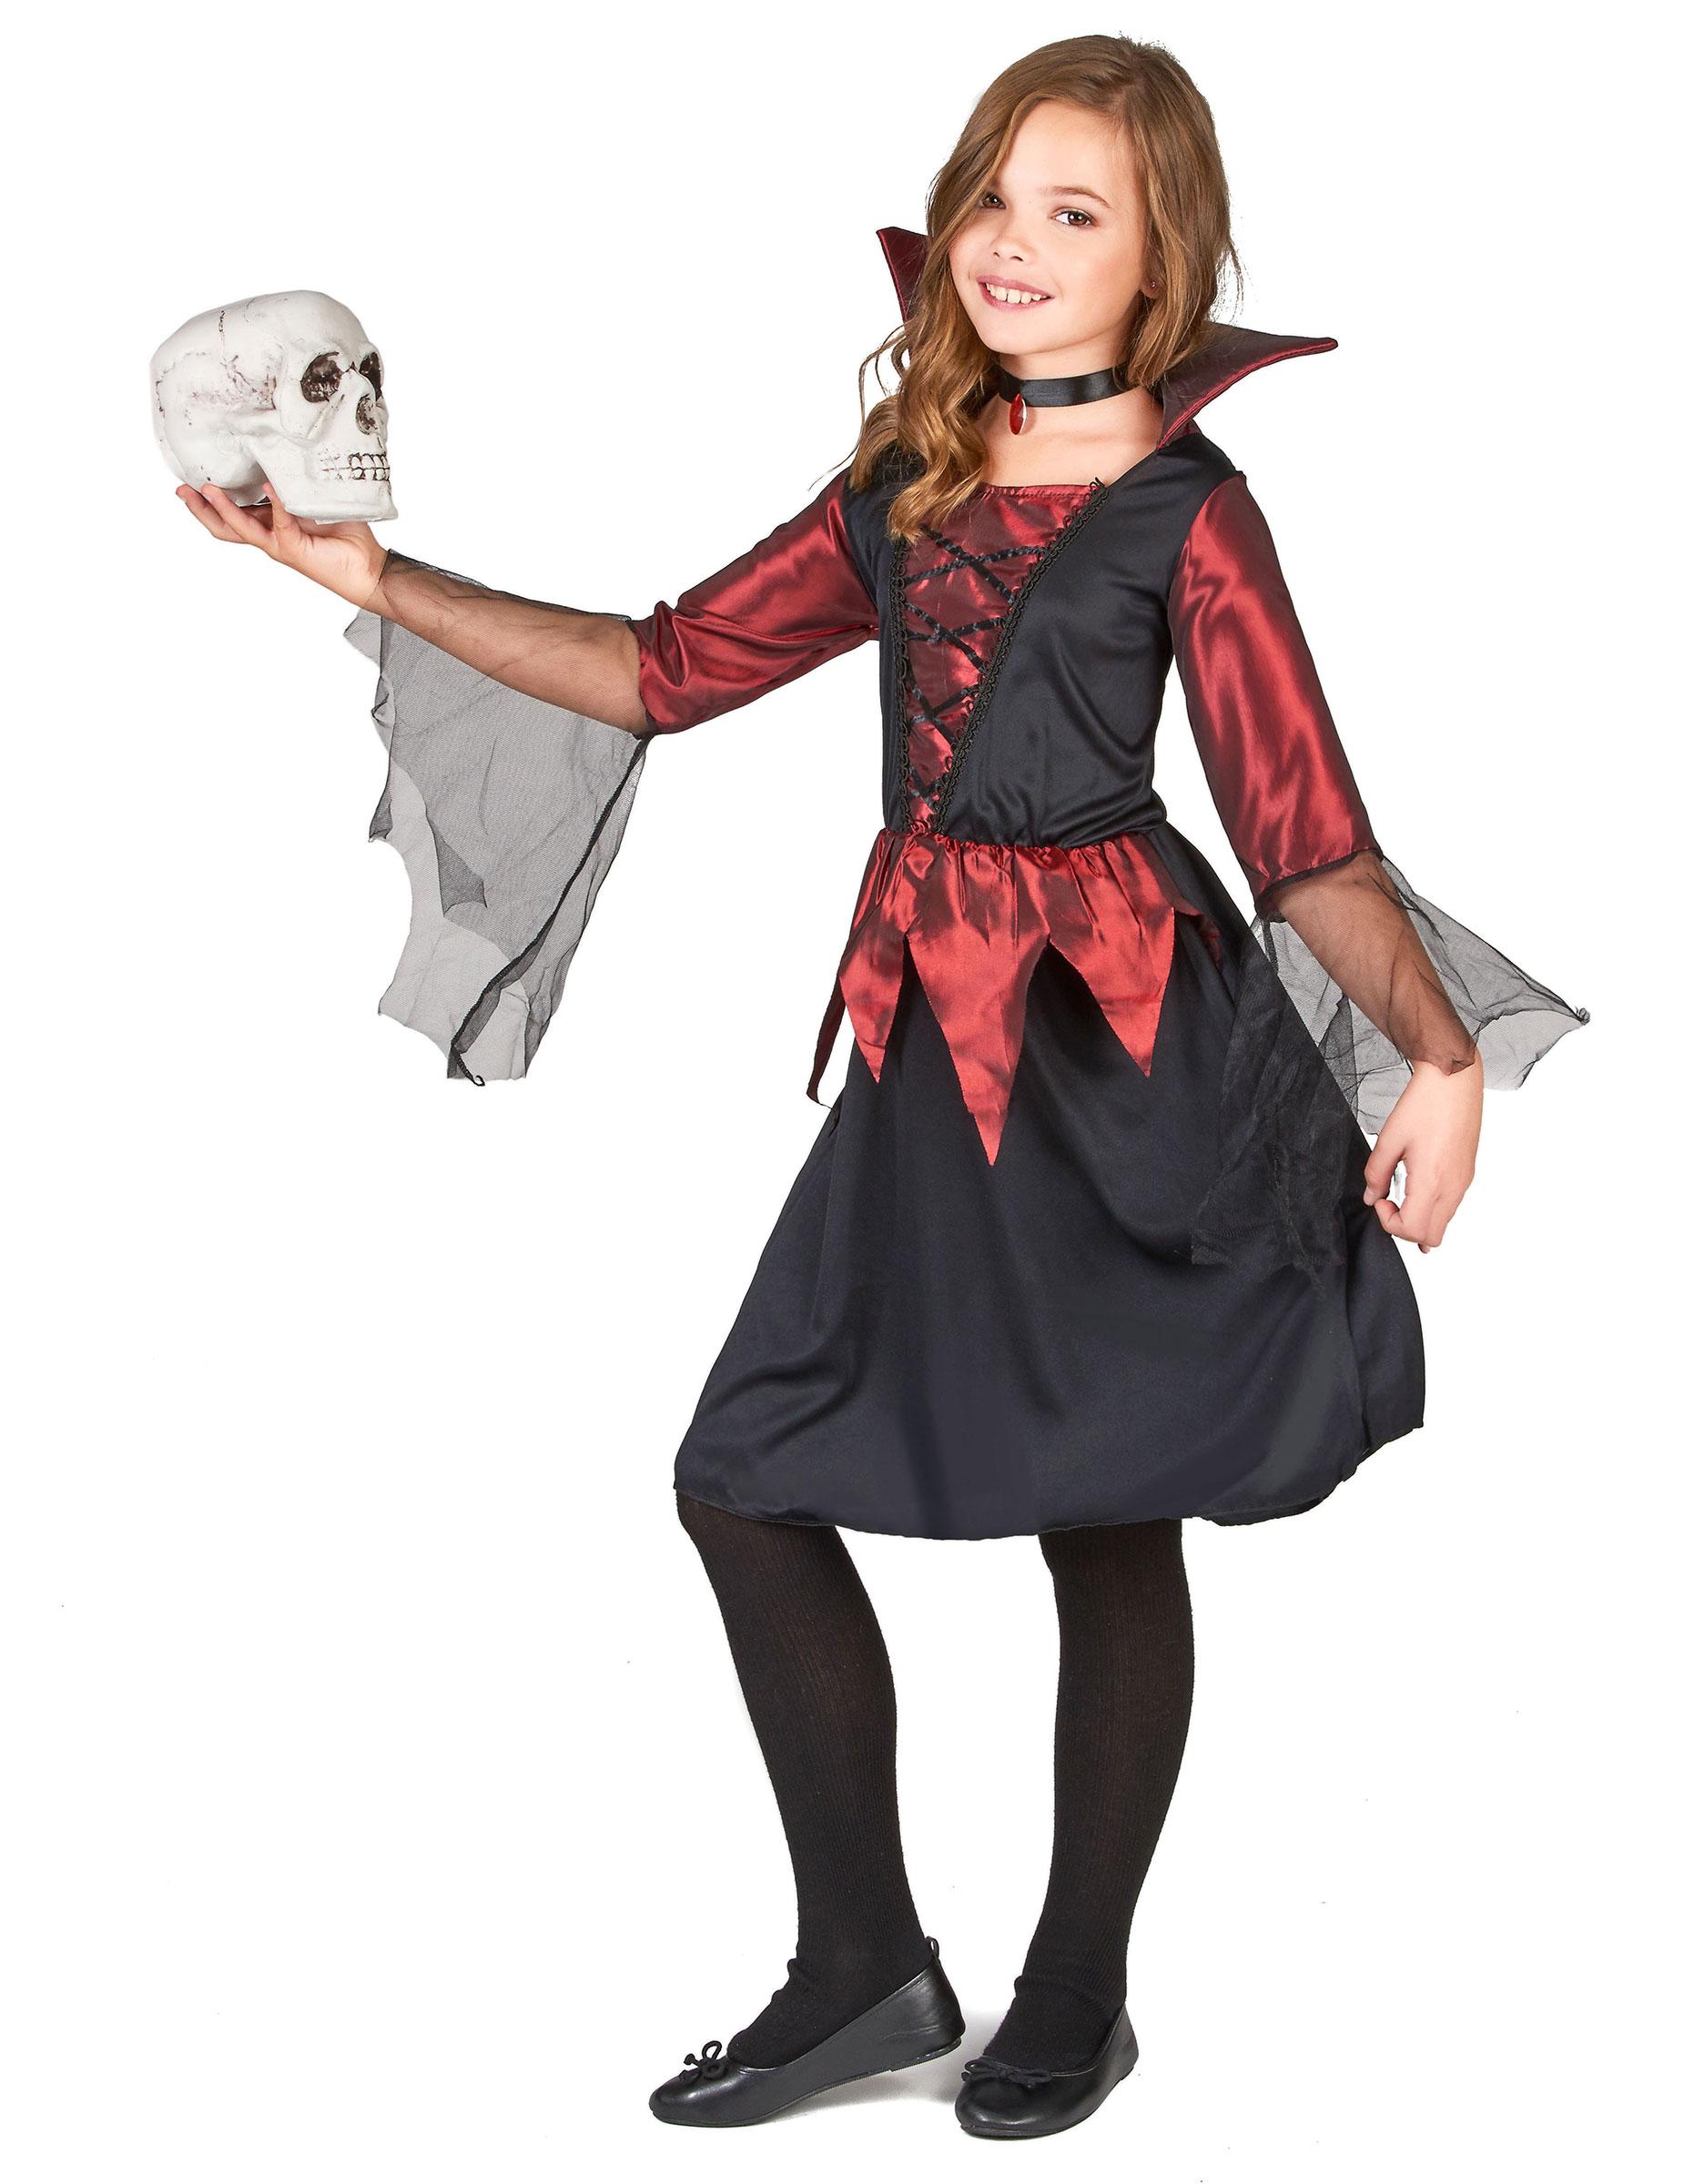 Costume da vampiro per bambina per Halloween su VegaooParty 6cfd84feb955